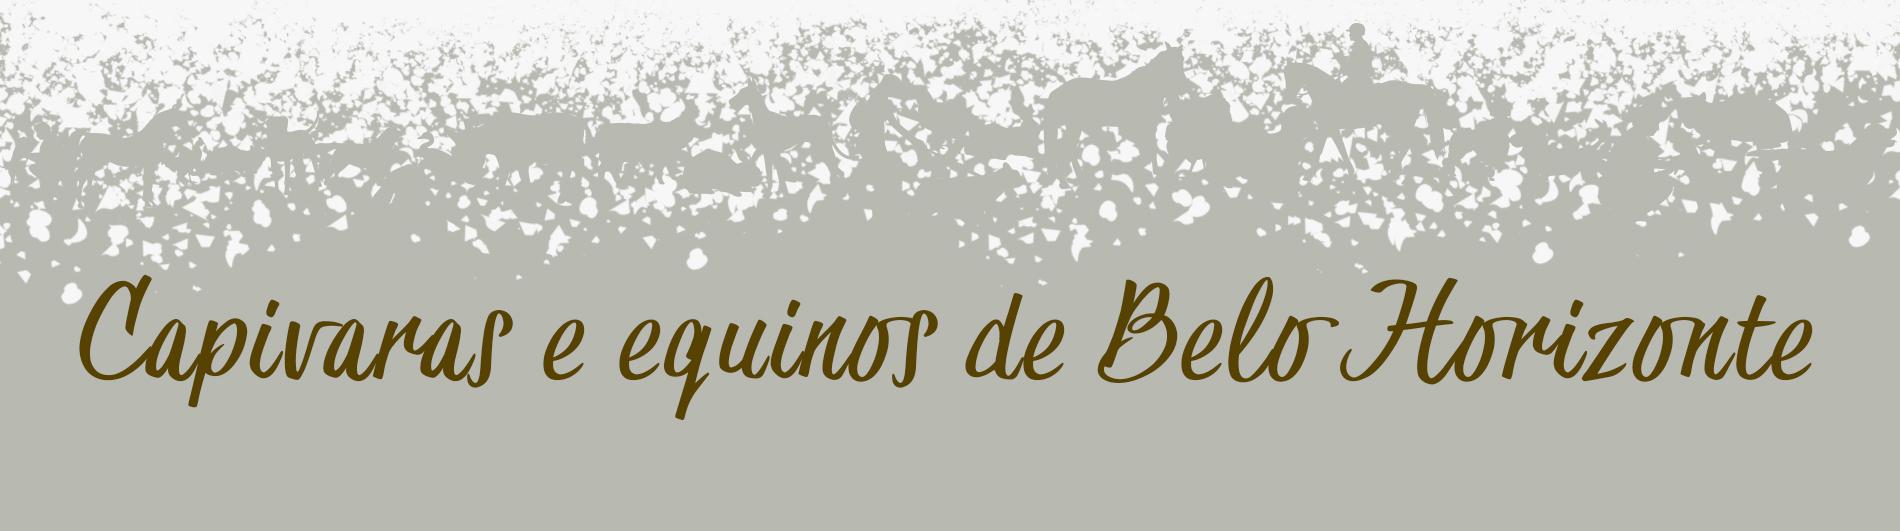 Capivaras e equinos de Belo Horizonte